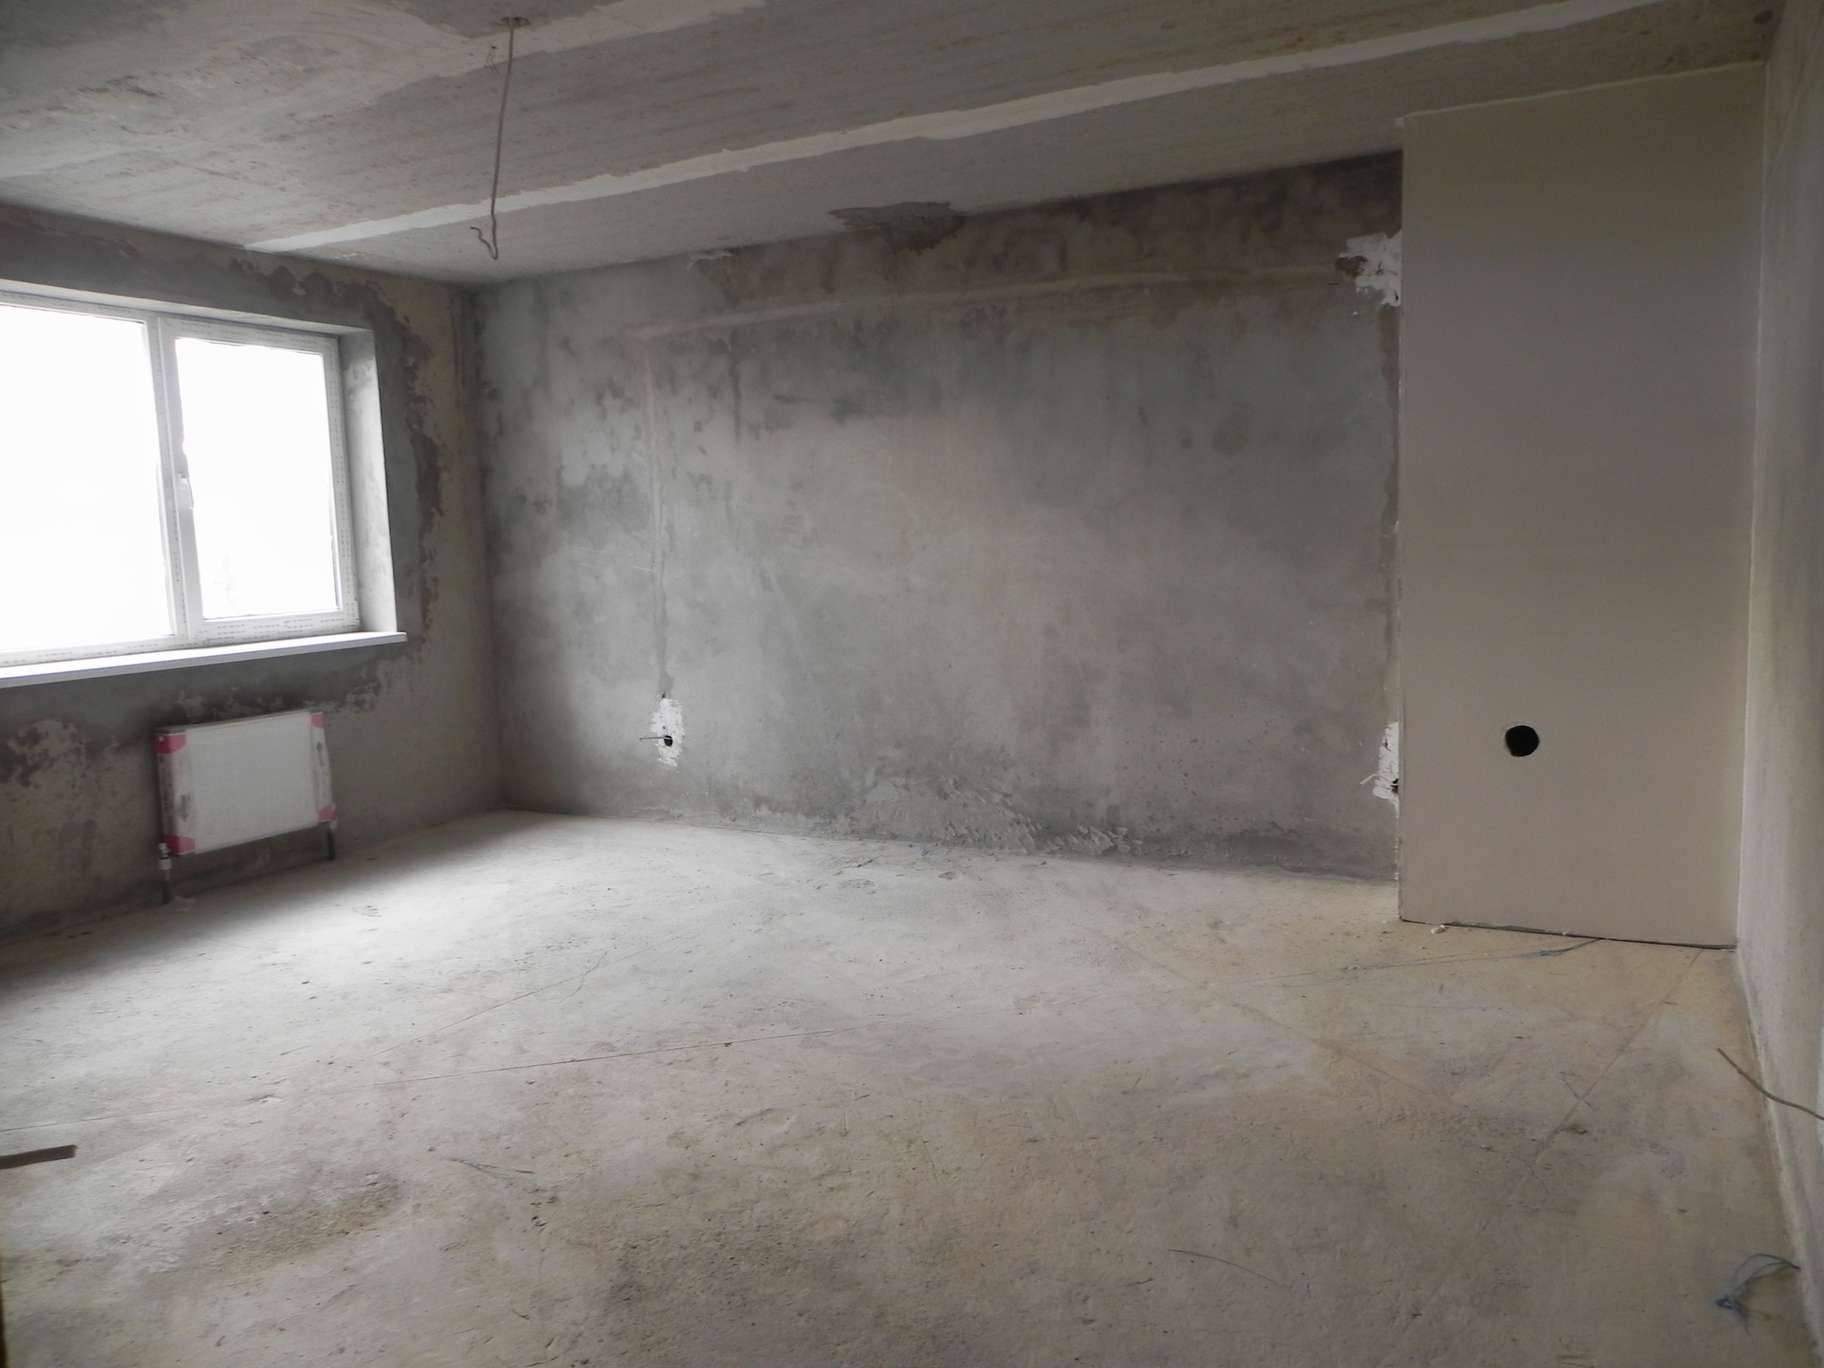 Последовательность ремонта квартиры в новостройке (48 фото). разводка труб водоснабжения, канализации, монтаж электропроводки. стяжка пола. черновая отделка